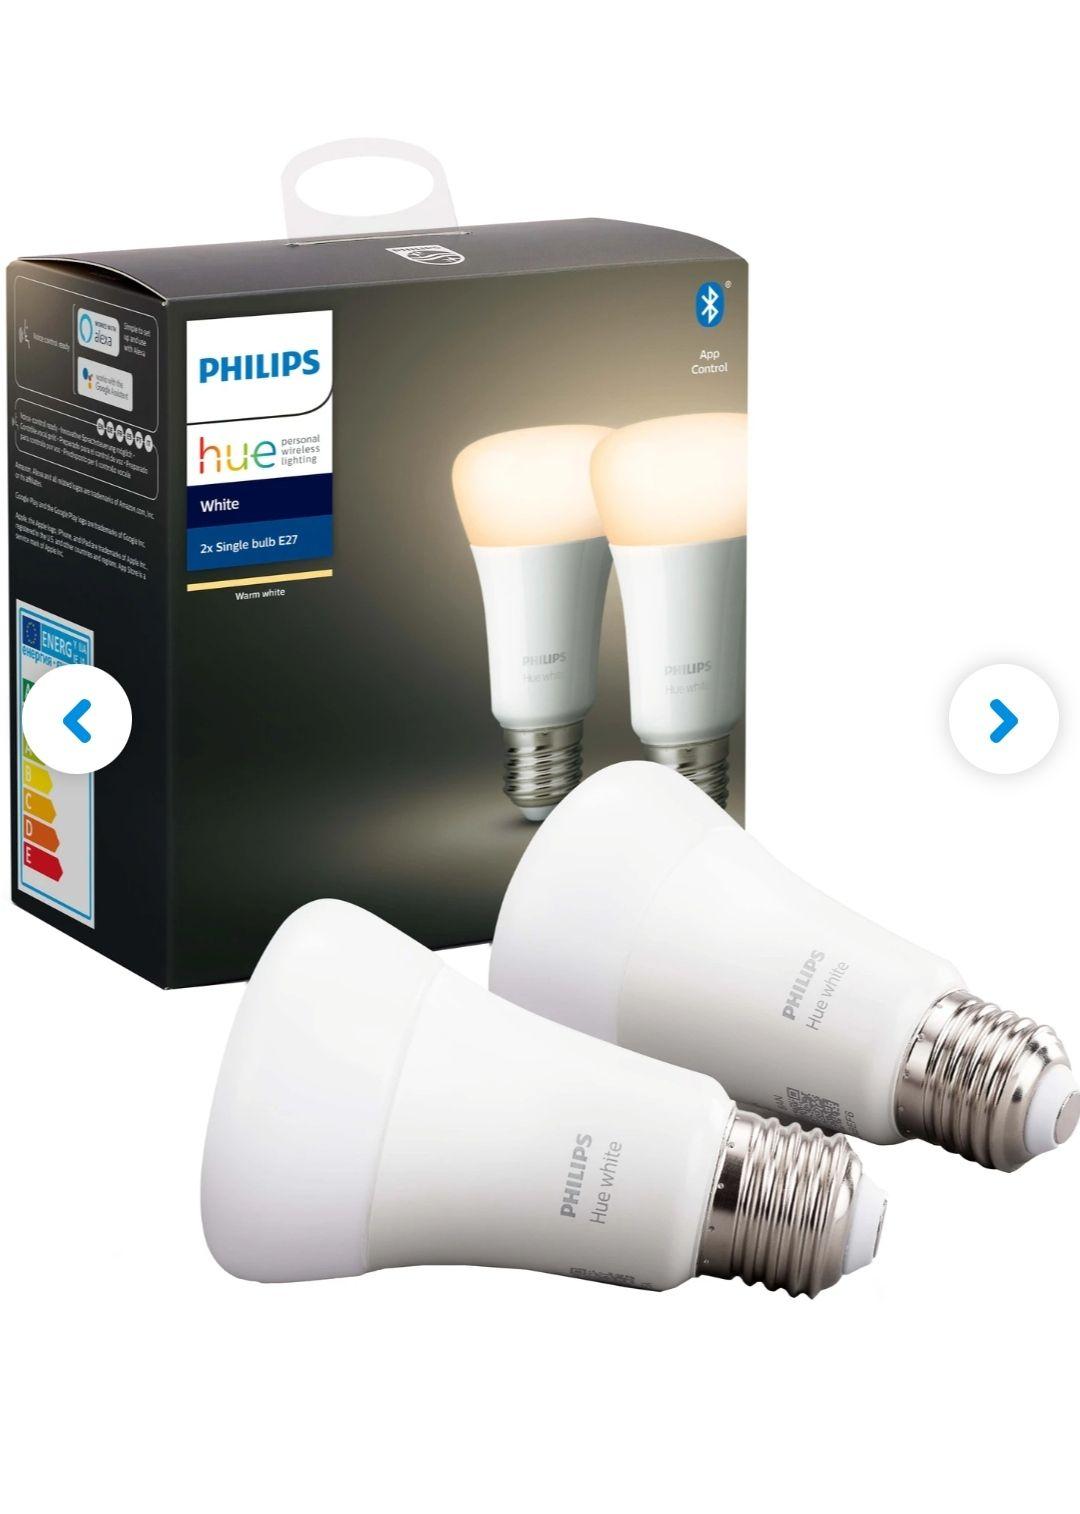 [Coolblue] 2x Philips Hue White E27 Bluetooth / weitere 5% Rabatt möglich bei Doppelkauf = 9,94€/Leuchtmittel